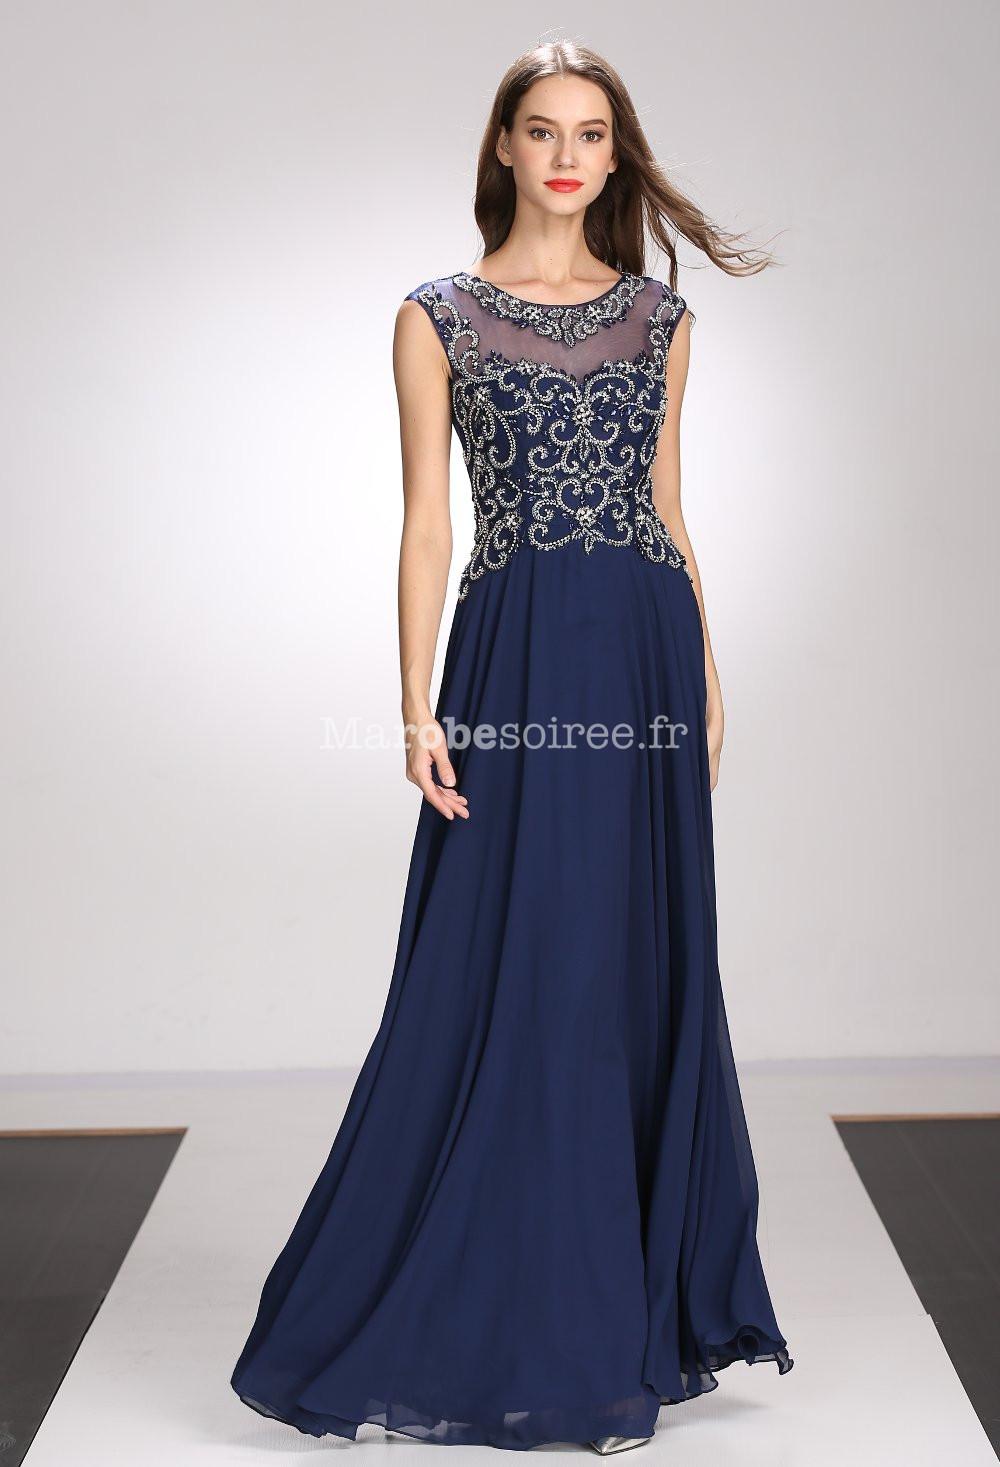 robe de soirée bleu nuit transparence